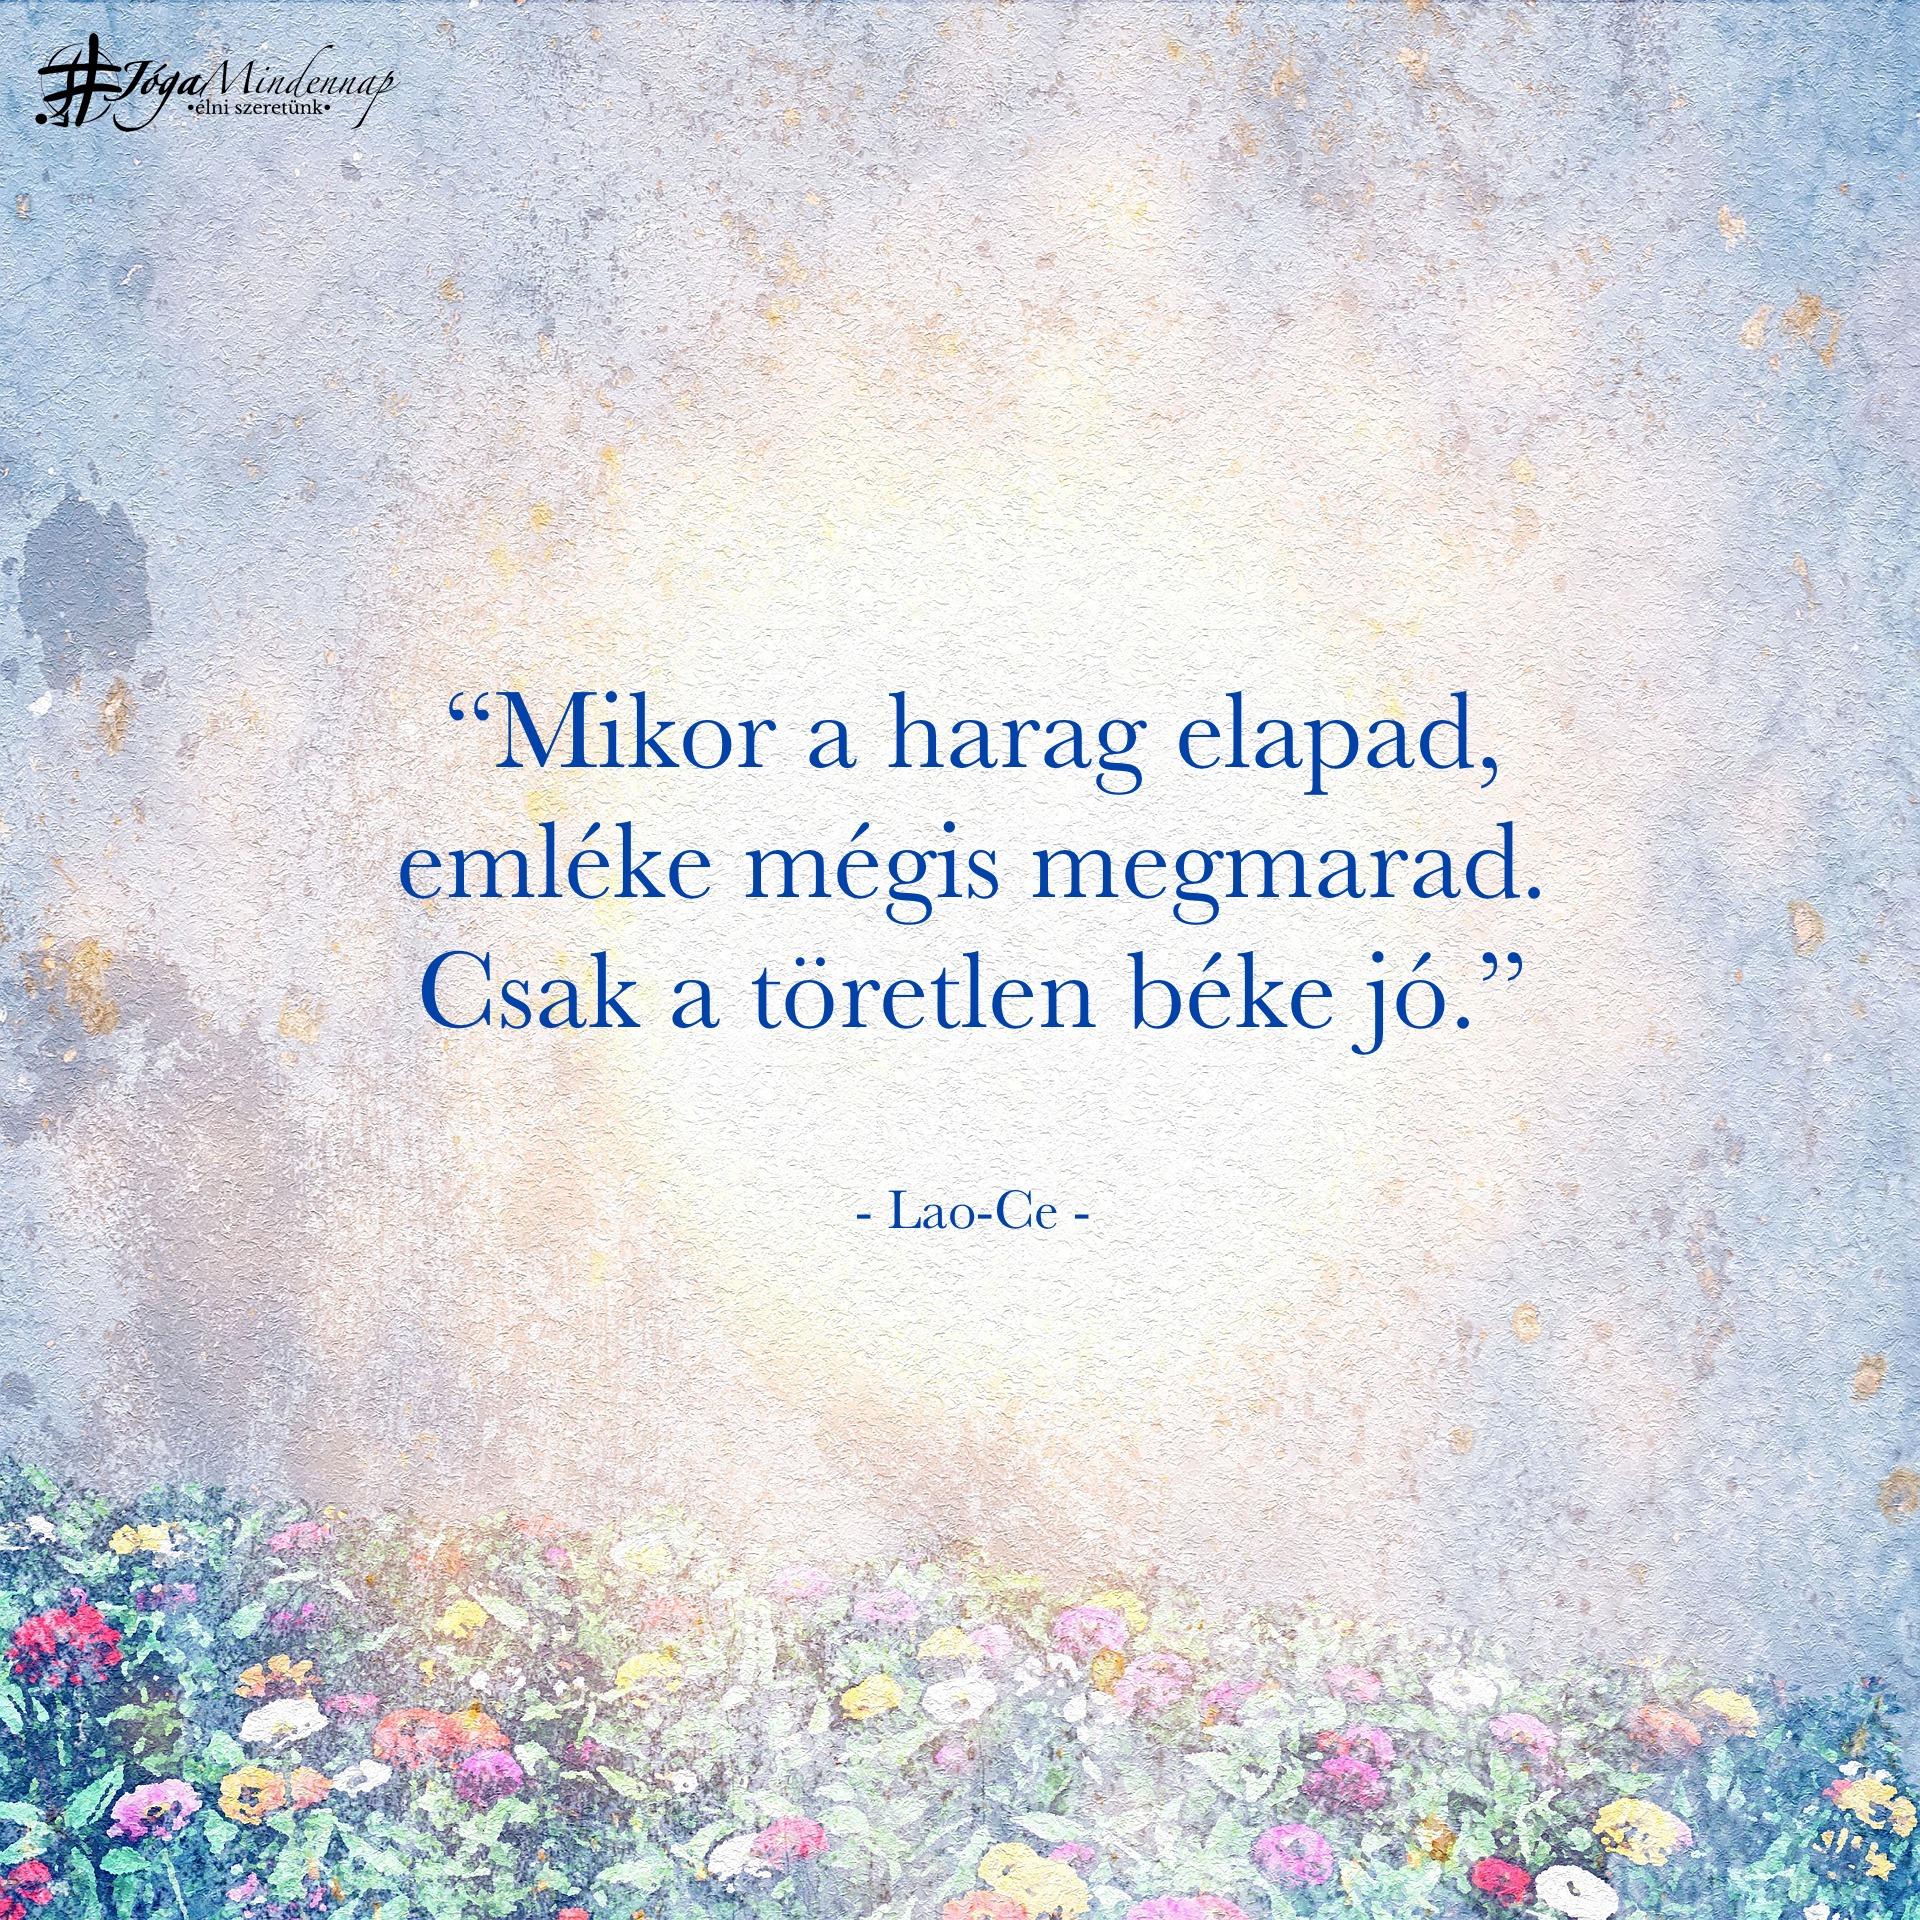 """""""Mikor a harag elapad, emléke mégis megmarad. Csak a töretlen béke jó."""" - Lao-Ce idézet - Jóga Mindennap motiváció, meditáció, megerősítés"""